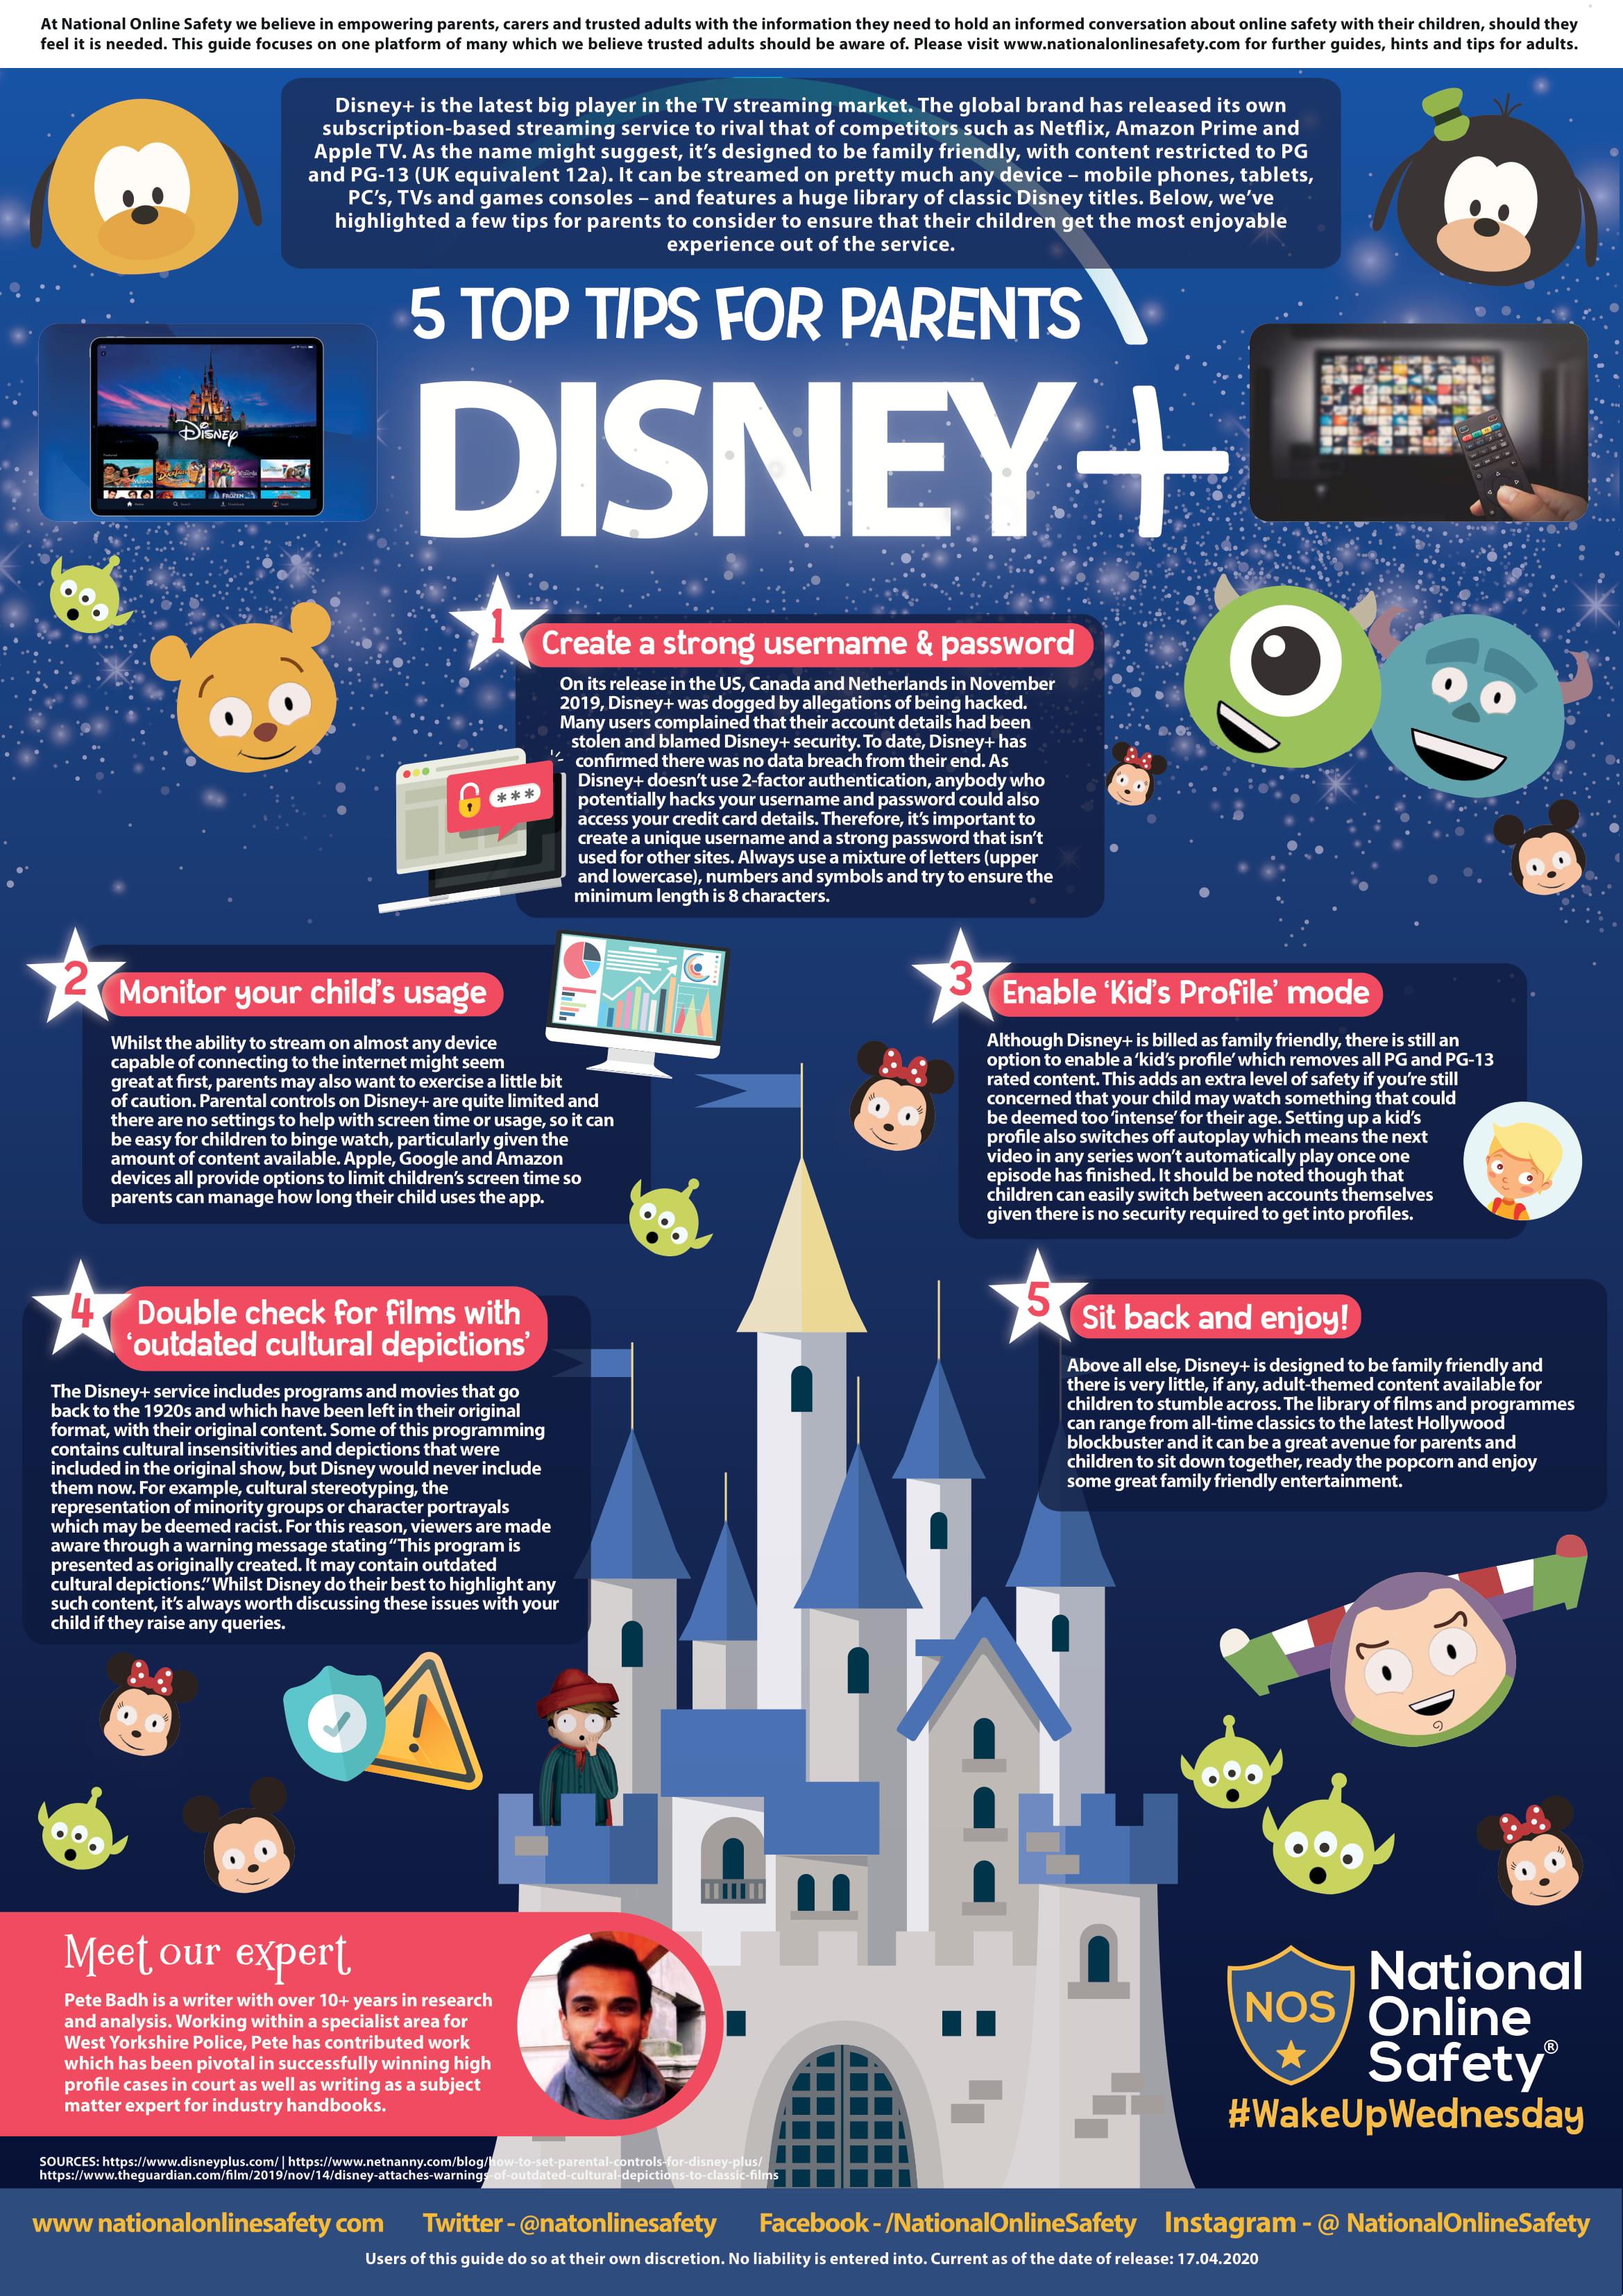 Parent Guide to Disney+-1